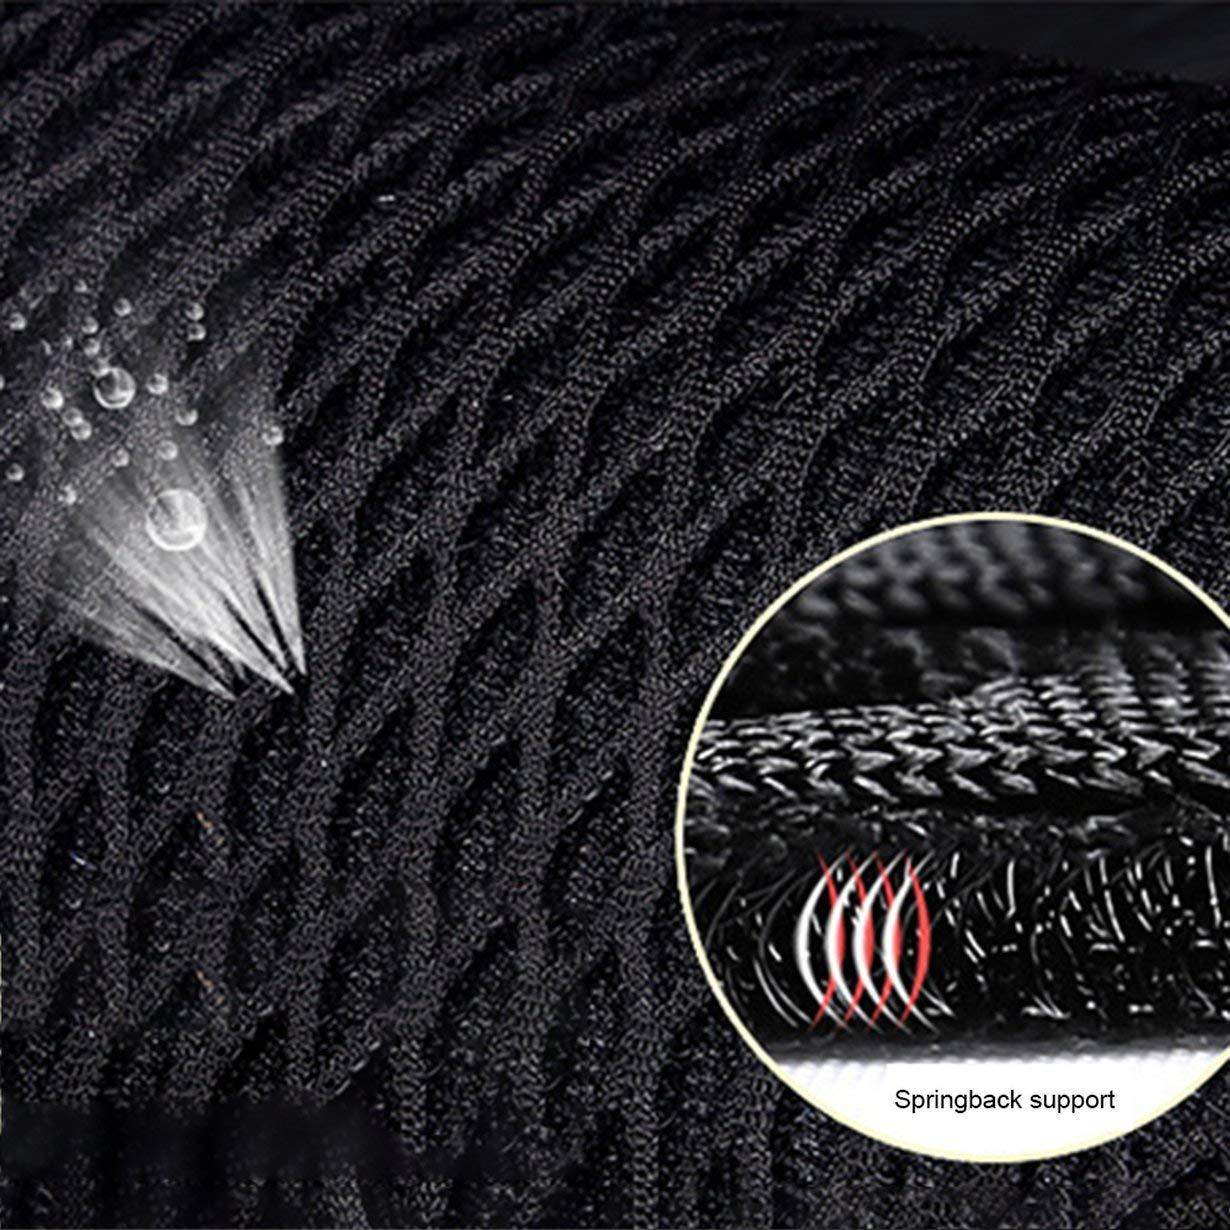 Comomingo Seggiolino Auto in Pelle Cuscino per Collo Protezione per la Testa Sicurezza Auto Supporto per poggiatesta Schienale Cuscino Cuscini Poggiatesta